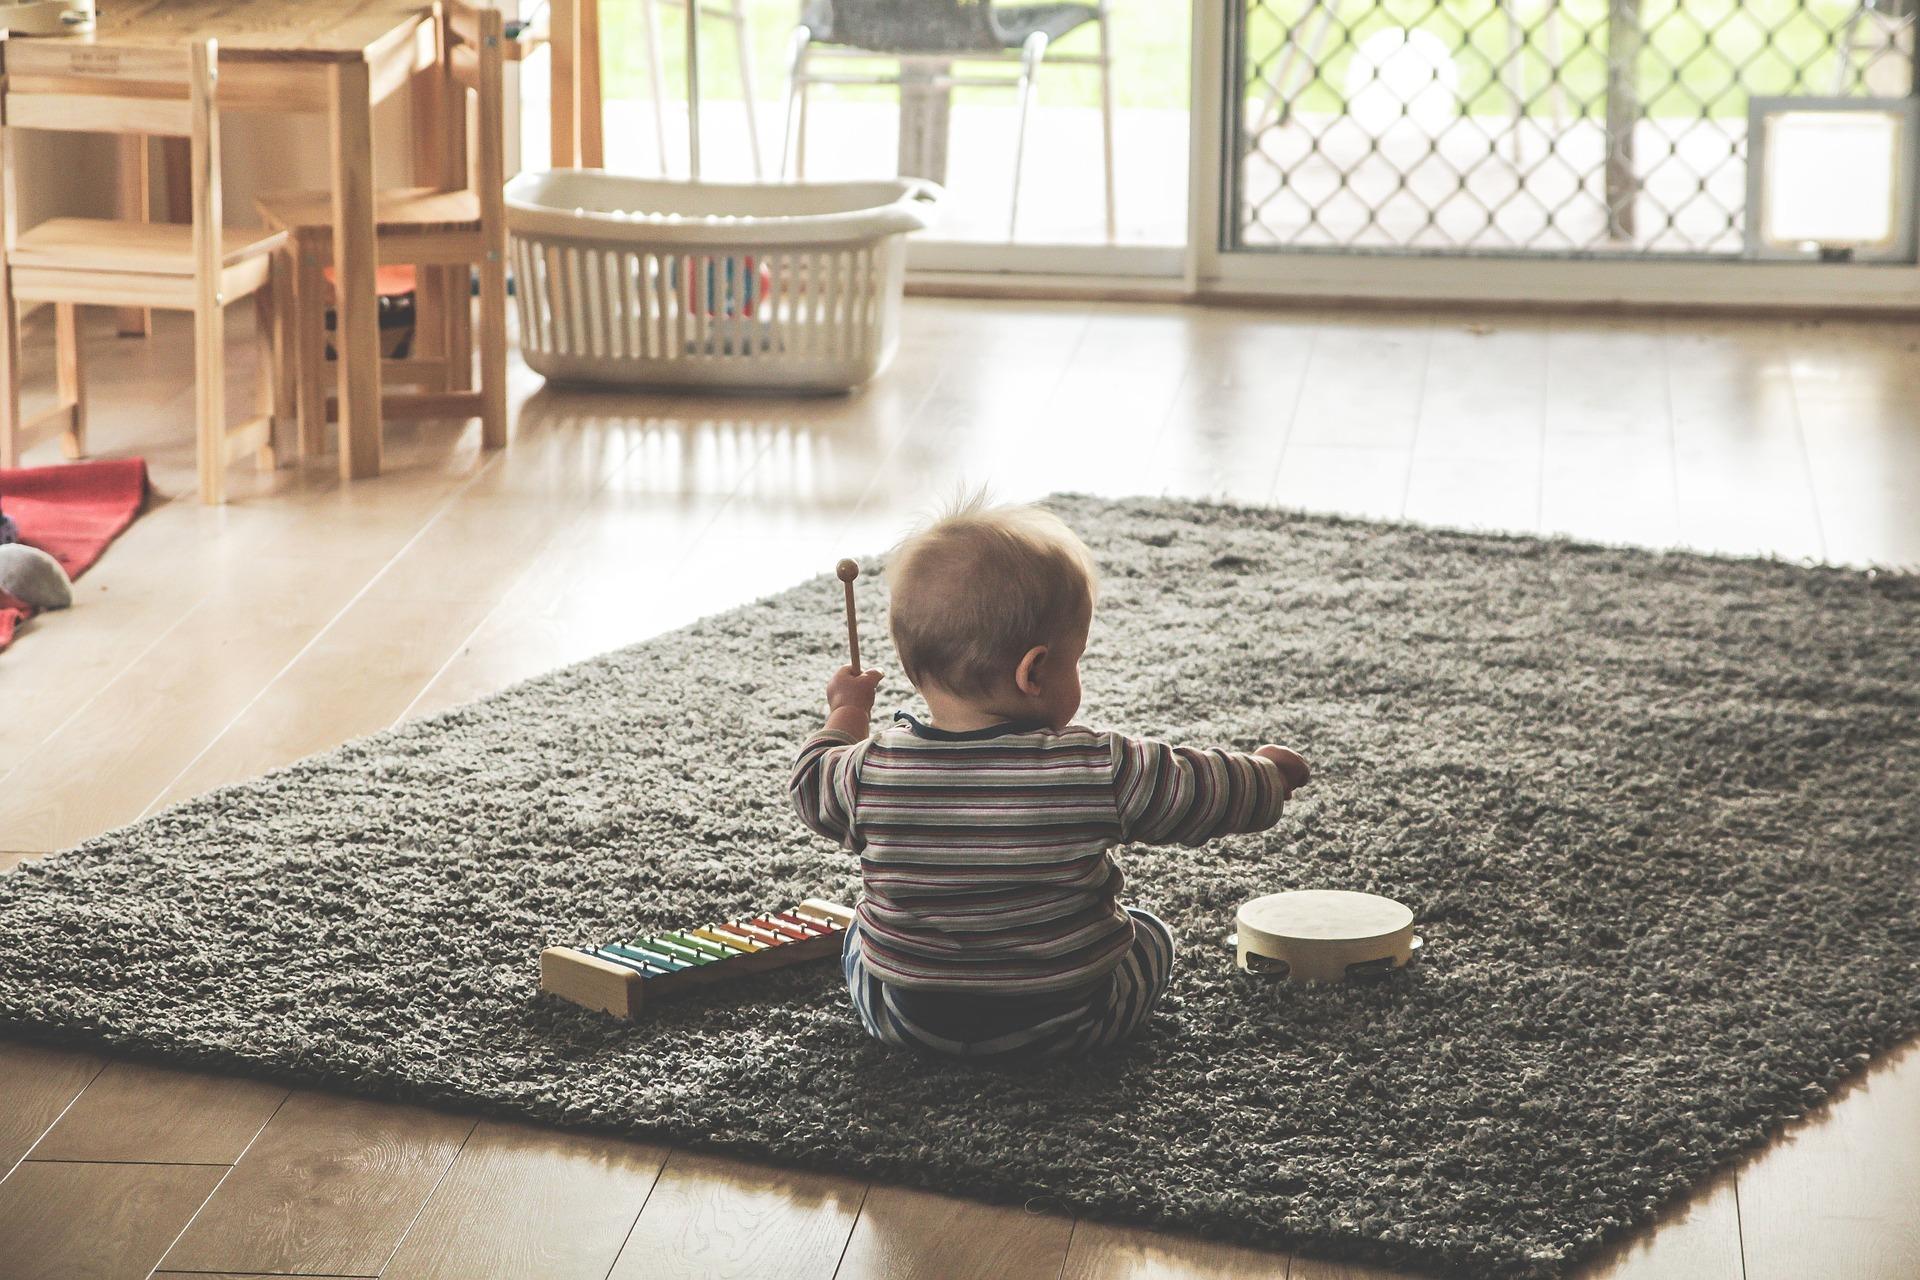 Mio figlio non gioca da solo. Come posso fare?